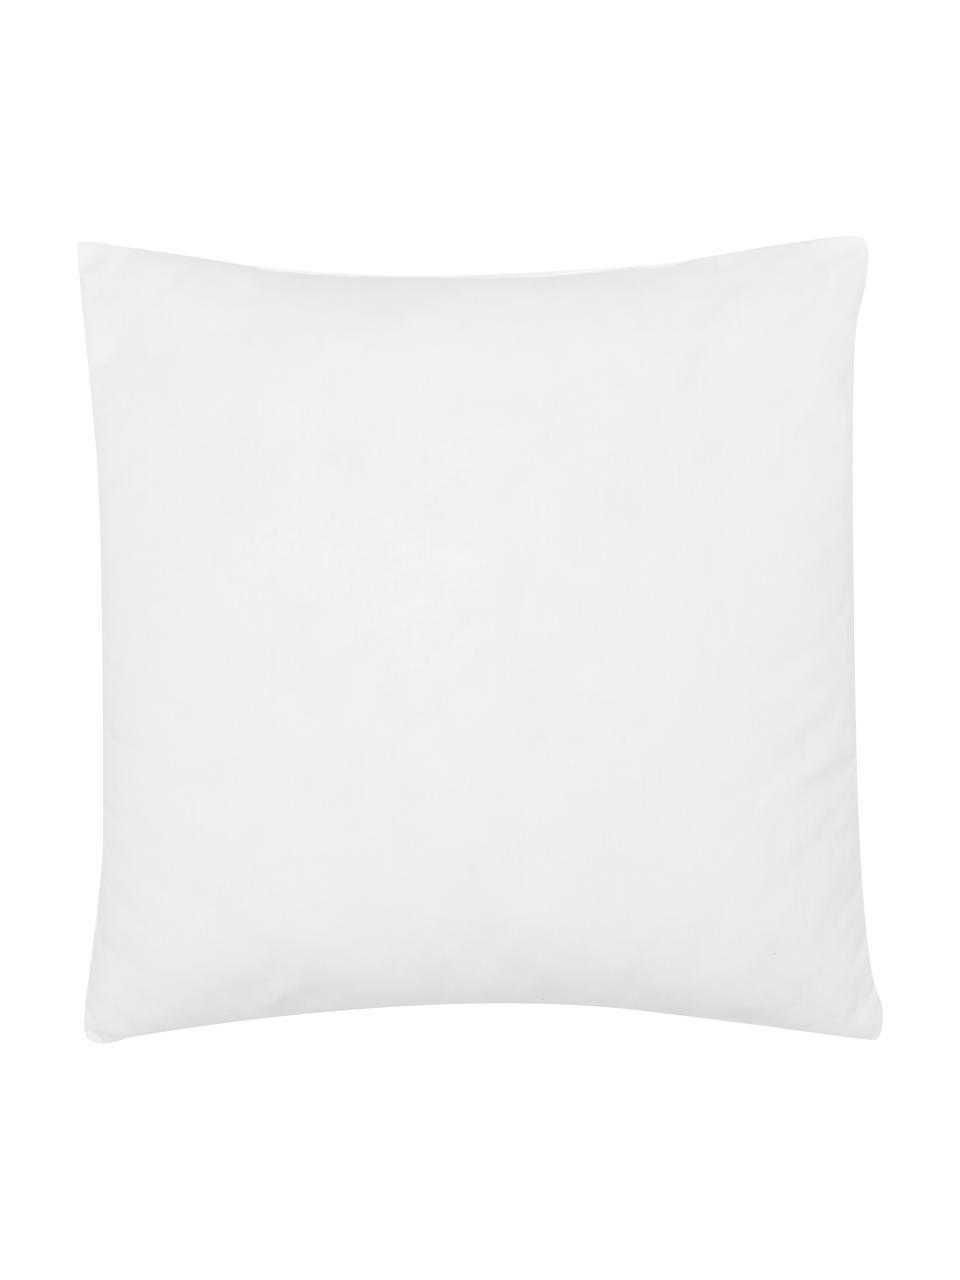 Kissen-Inlett Sia, 45x45, Microfaser-Füllung, Hülle: 100% Baumwolle, Weiß, 45 x 45 cm